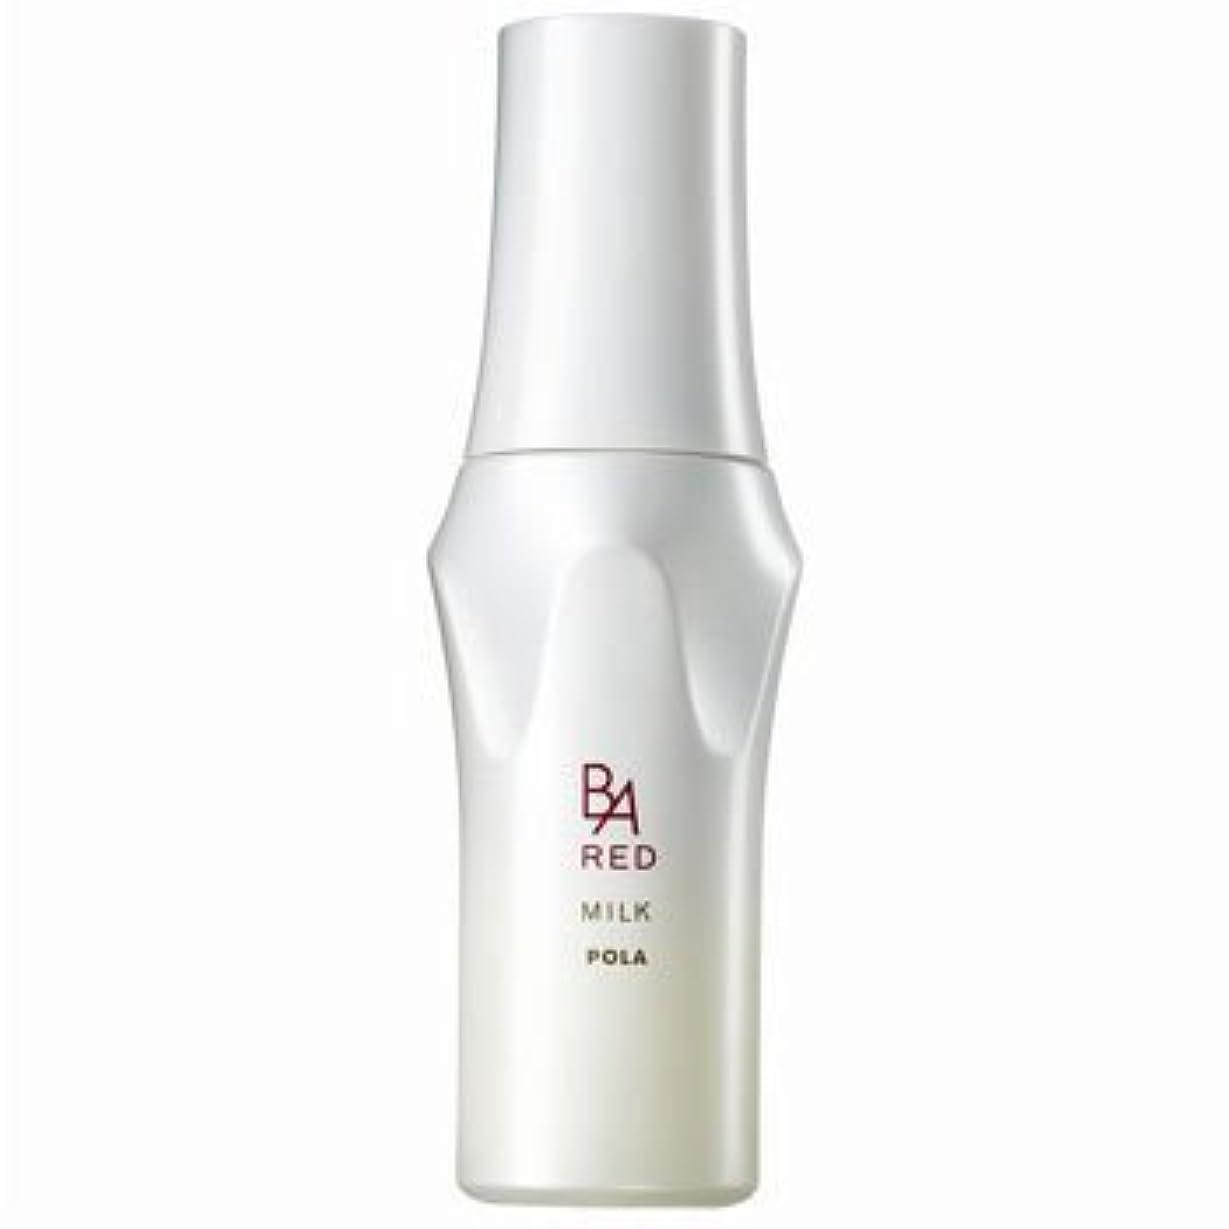 ナプキン歴史的組み込むPOLA(ポーラ) B.A RED ミルクS(50mL)[並行輸入品]